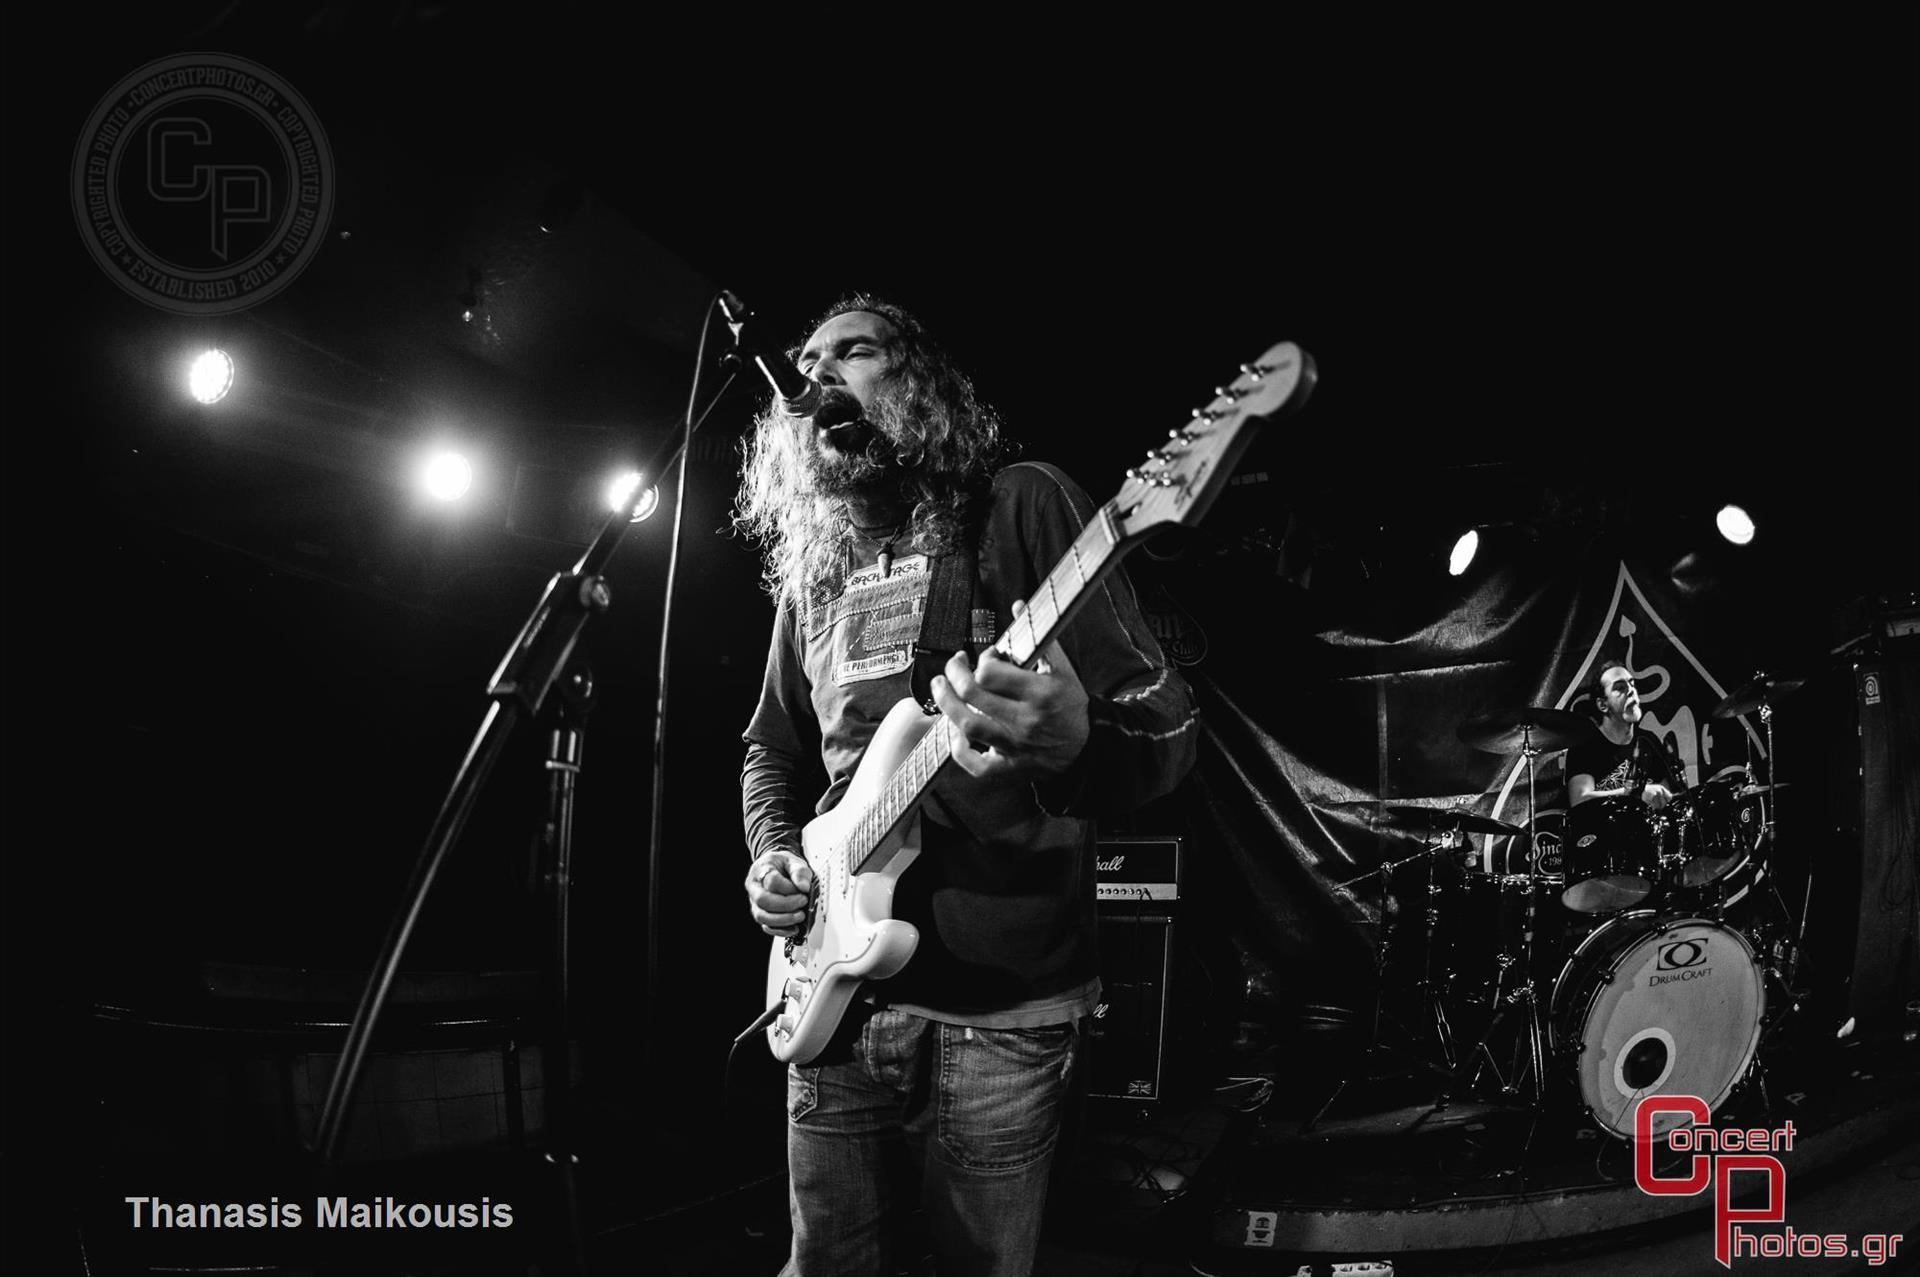 Battle Of The Bands Leg 5-Battle Of The Bands Leg 4 photographer: Thanasis Maikousis - ConcertPhotos - 20150315_2350_43